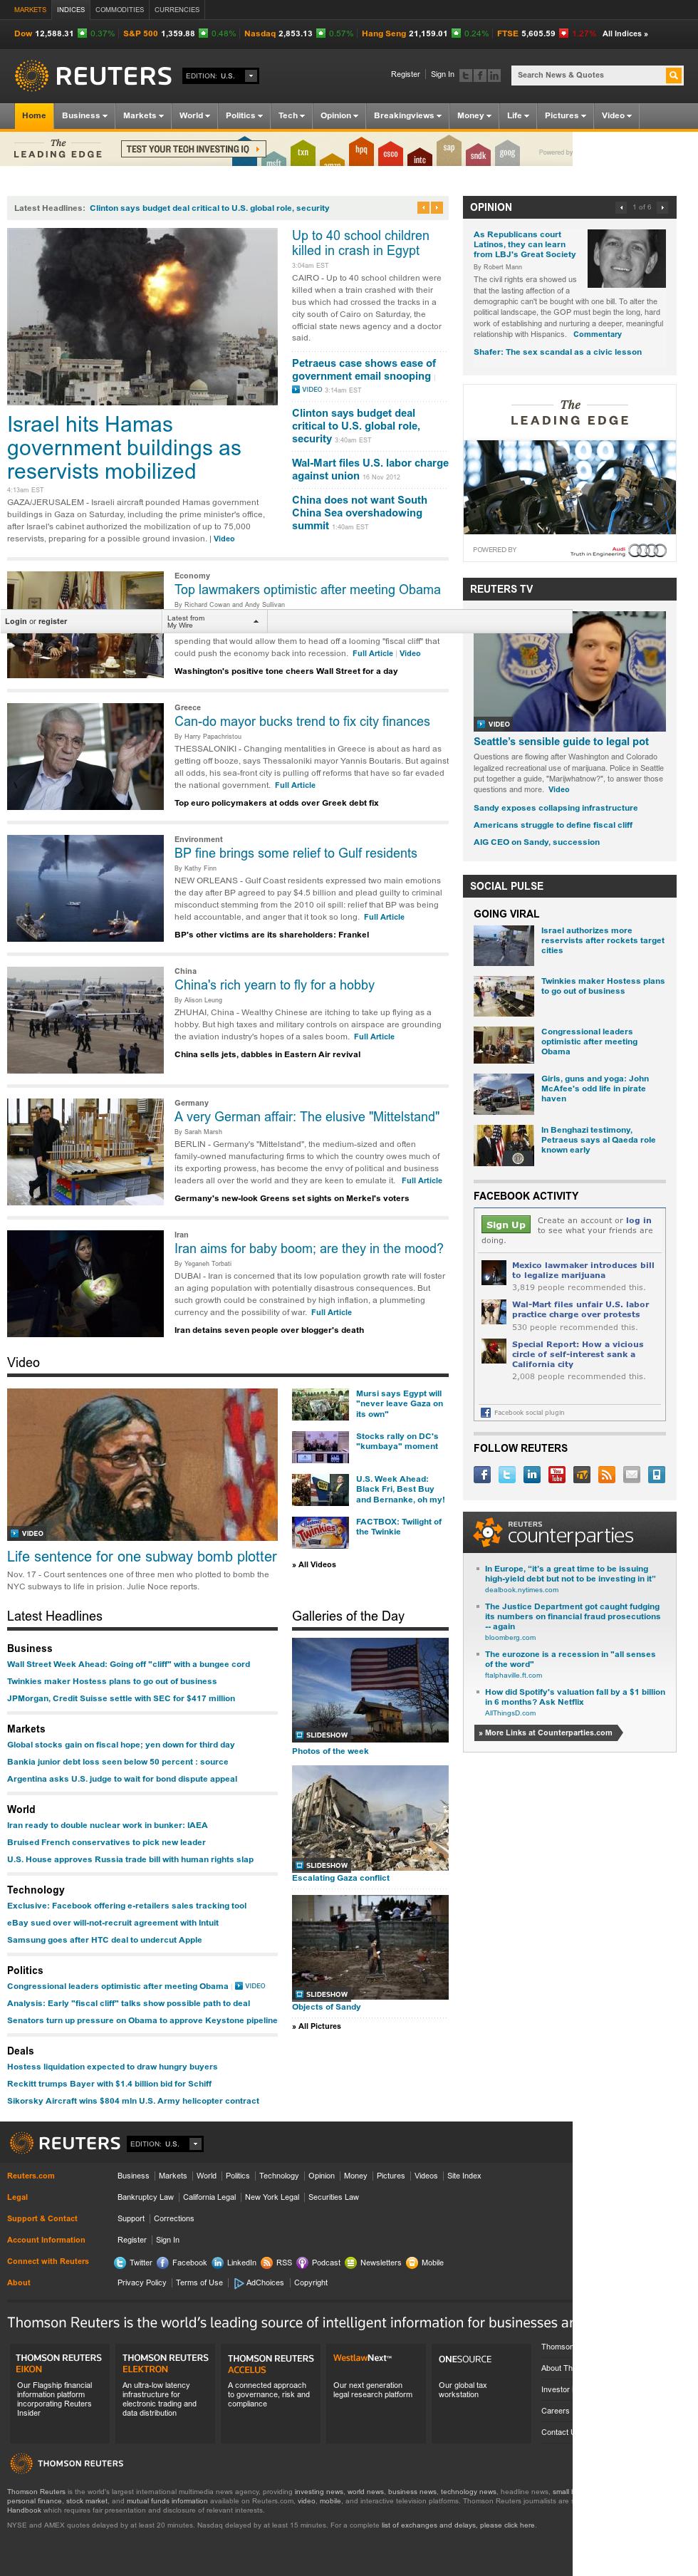 Reuters at Saturday Nov. 17, 2012, 9:25 a.m. UTC